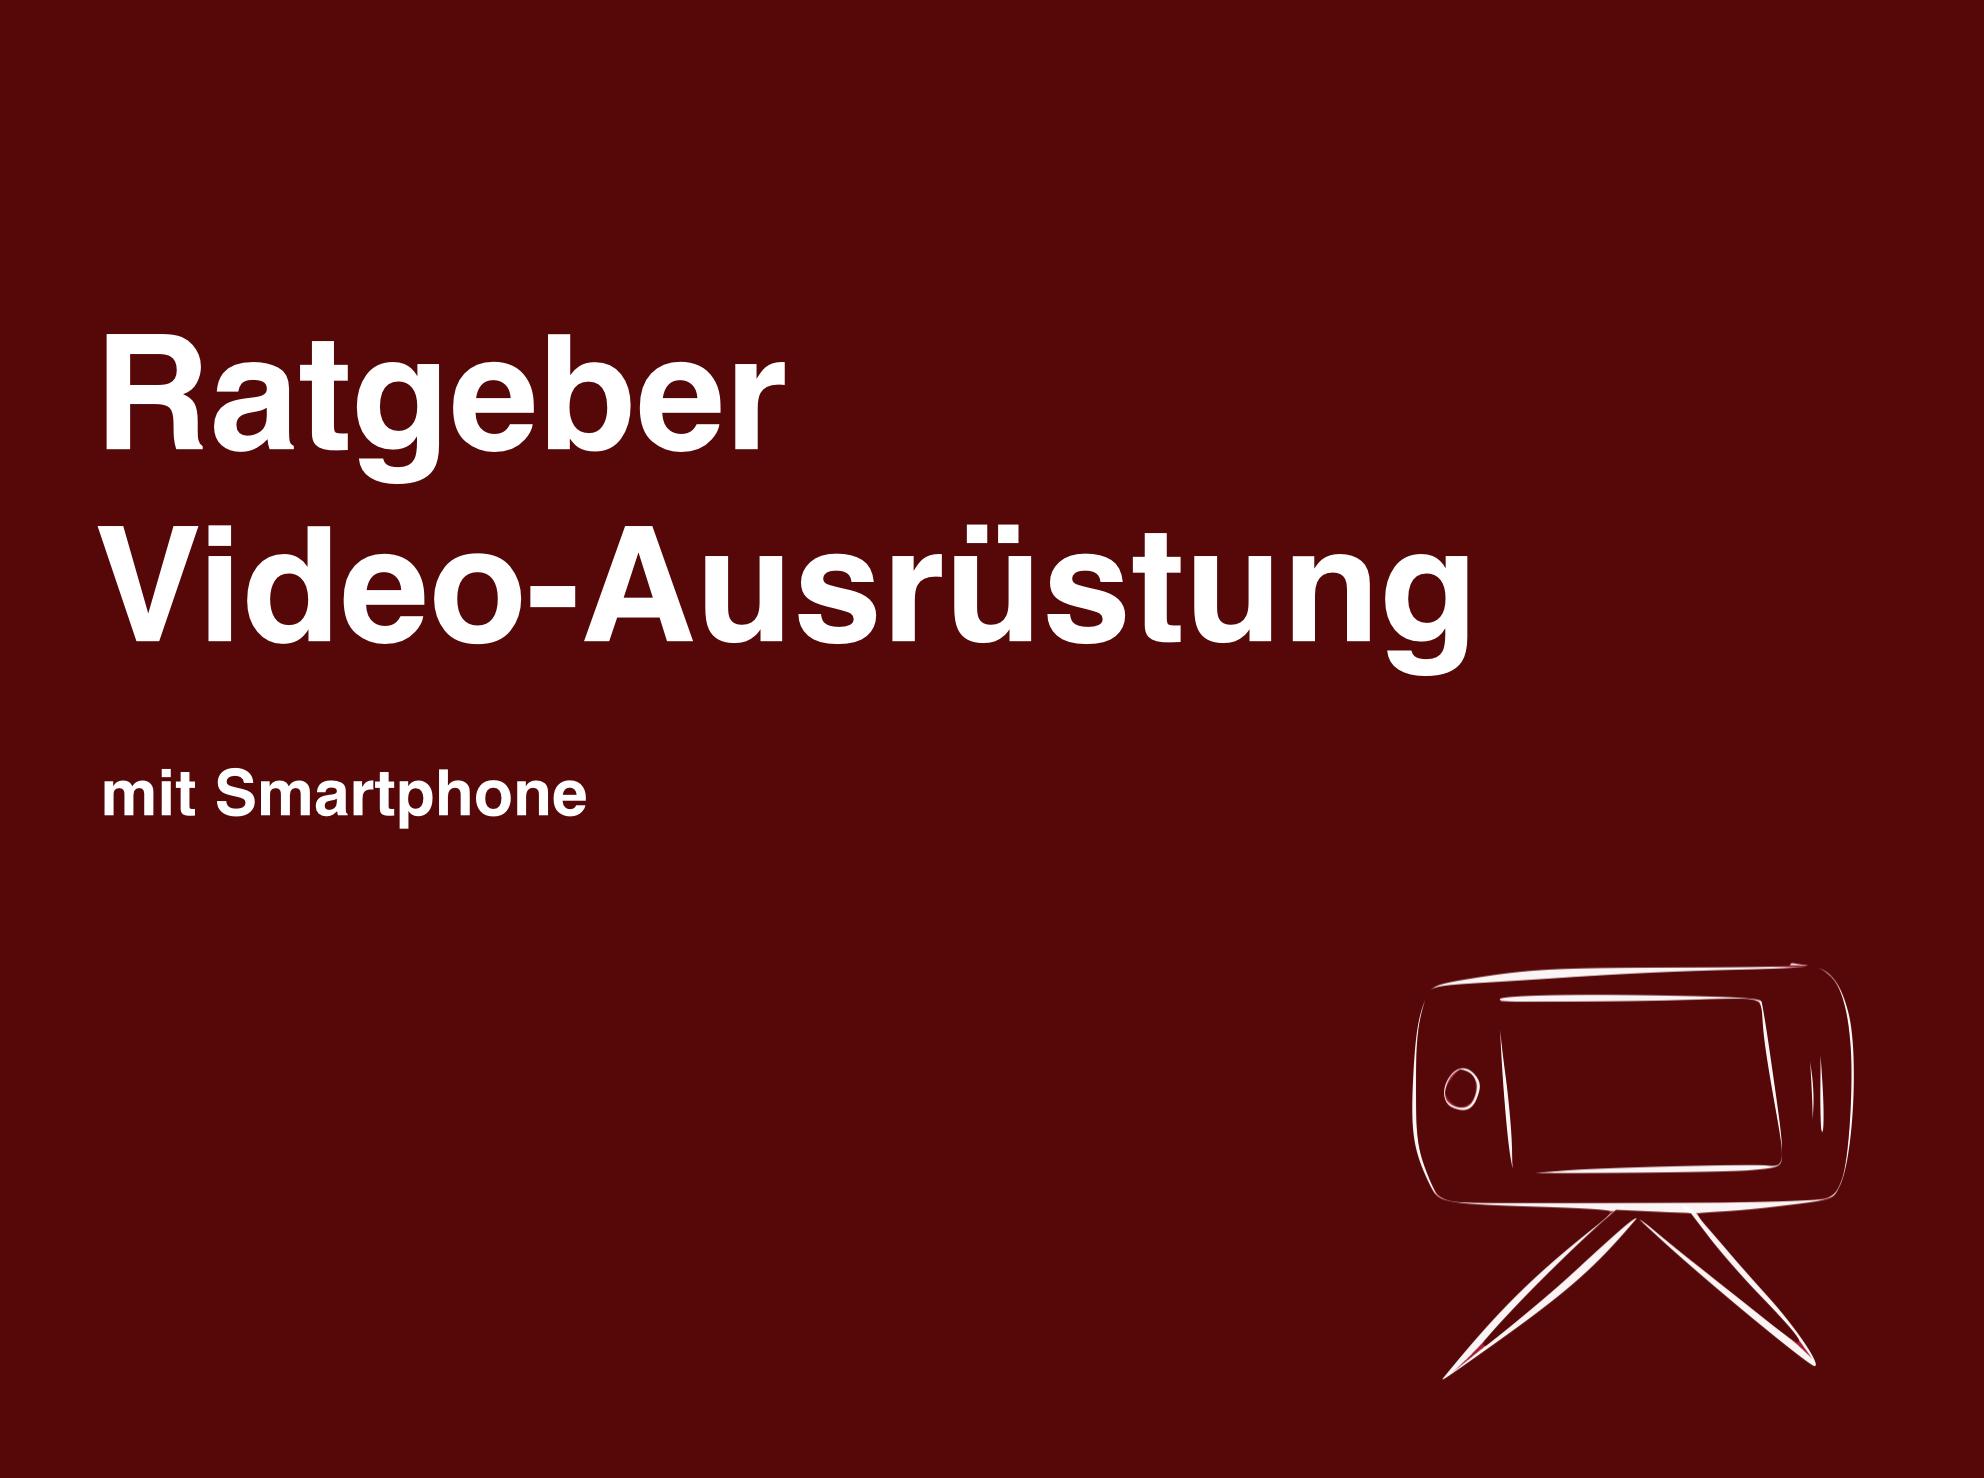 Ratgeber Ausrüstung zum Filmen mit Smartphone